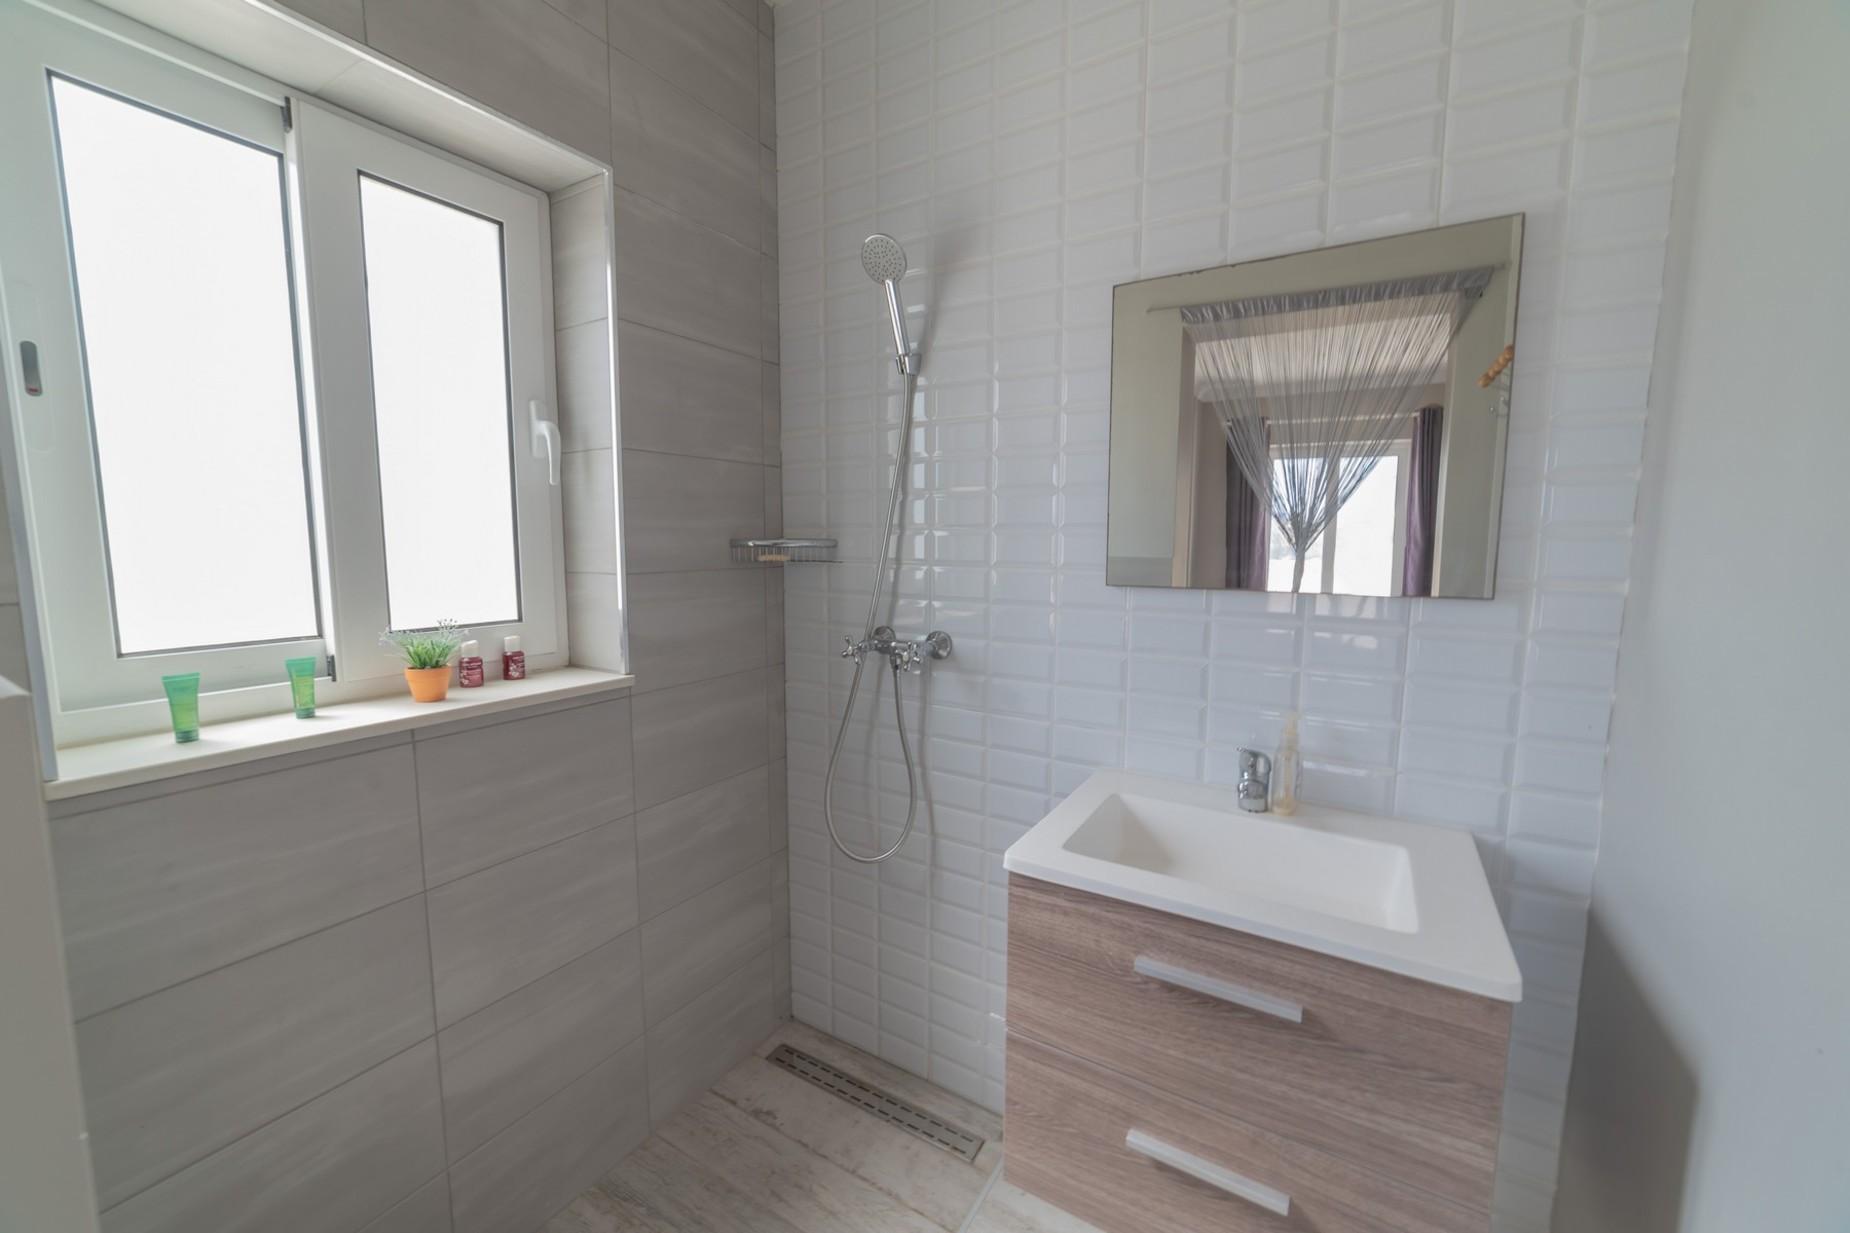 4 bed Apartment For Sale in Ta' Xbiex, Ta' Xbiex - thumb 17